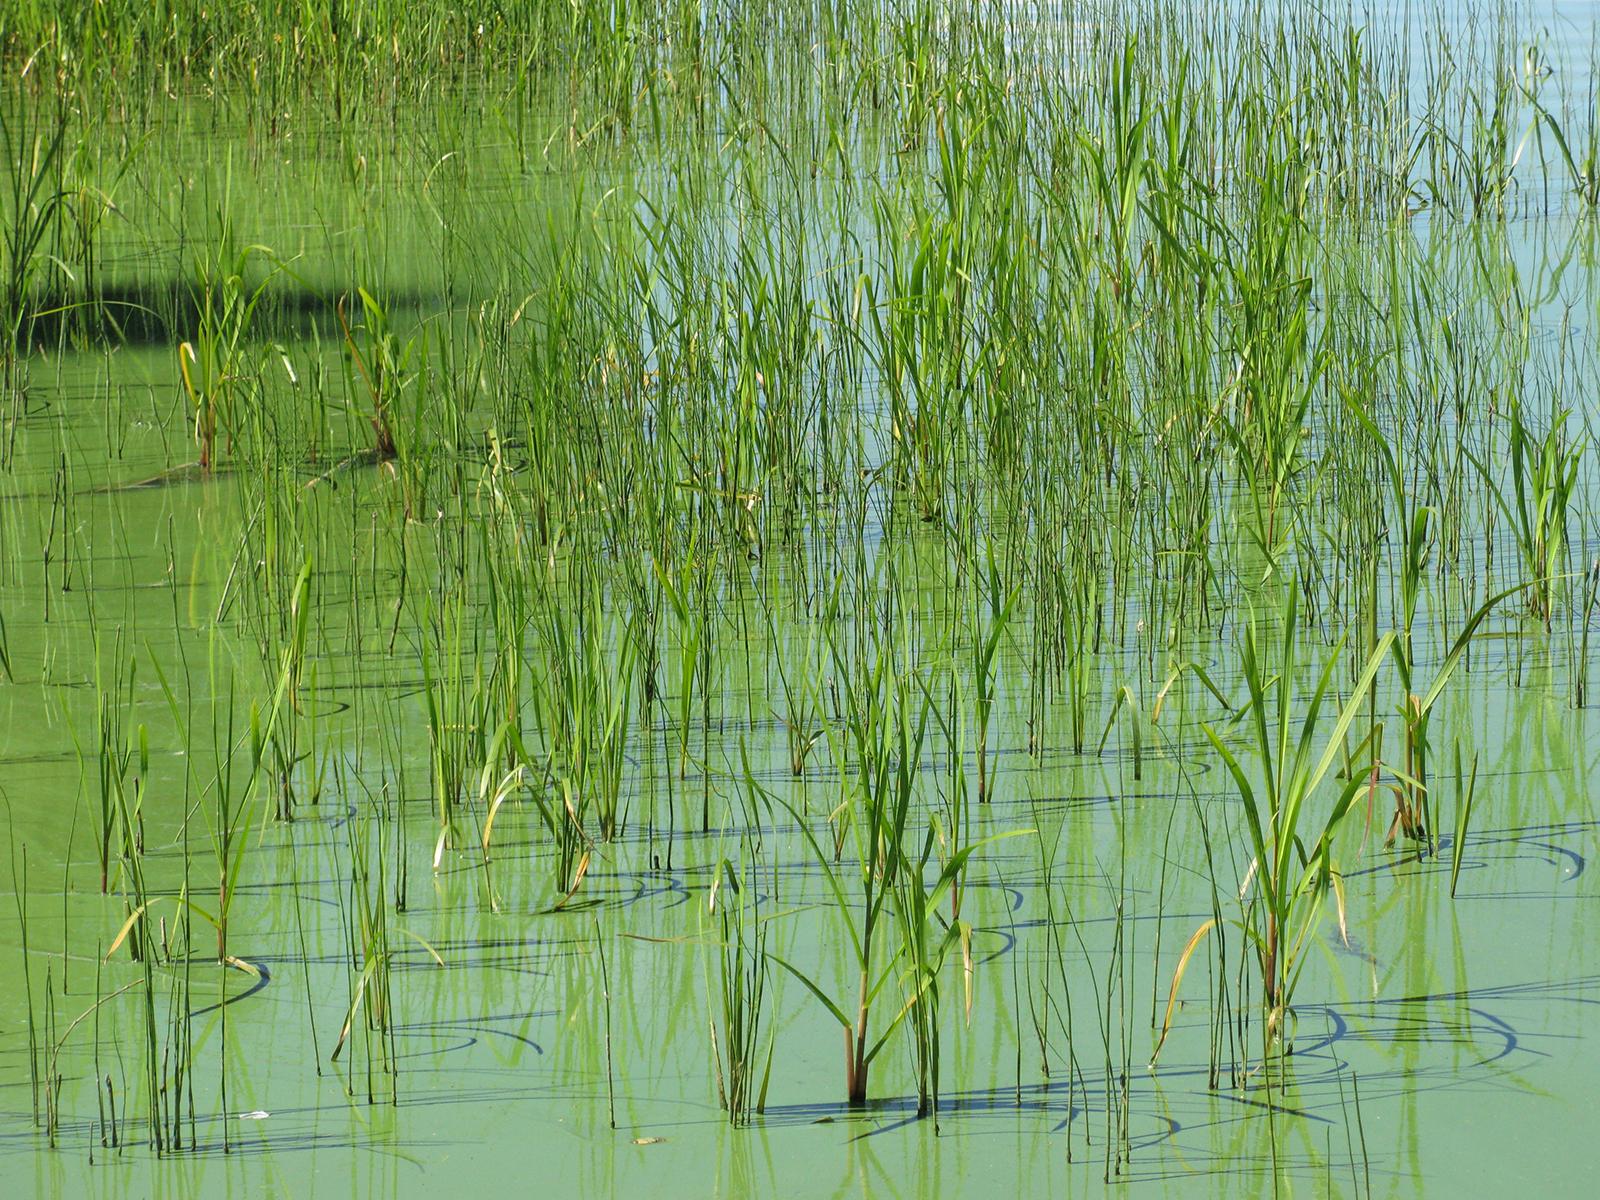 Monessa Pirkanmaan järvessä esiintyy nyt sinilevää. Kuva: Jussi Iso-Tuisku